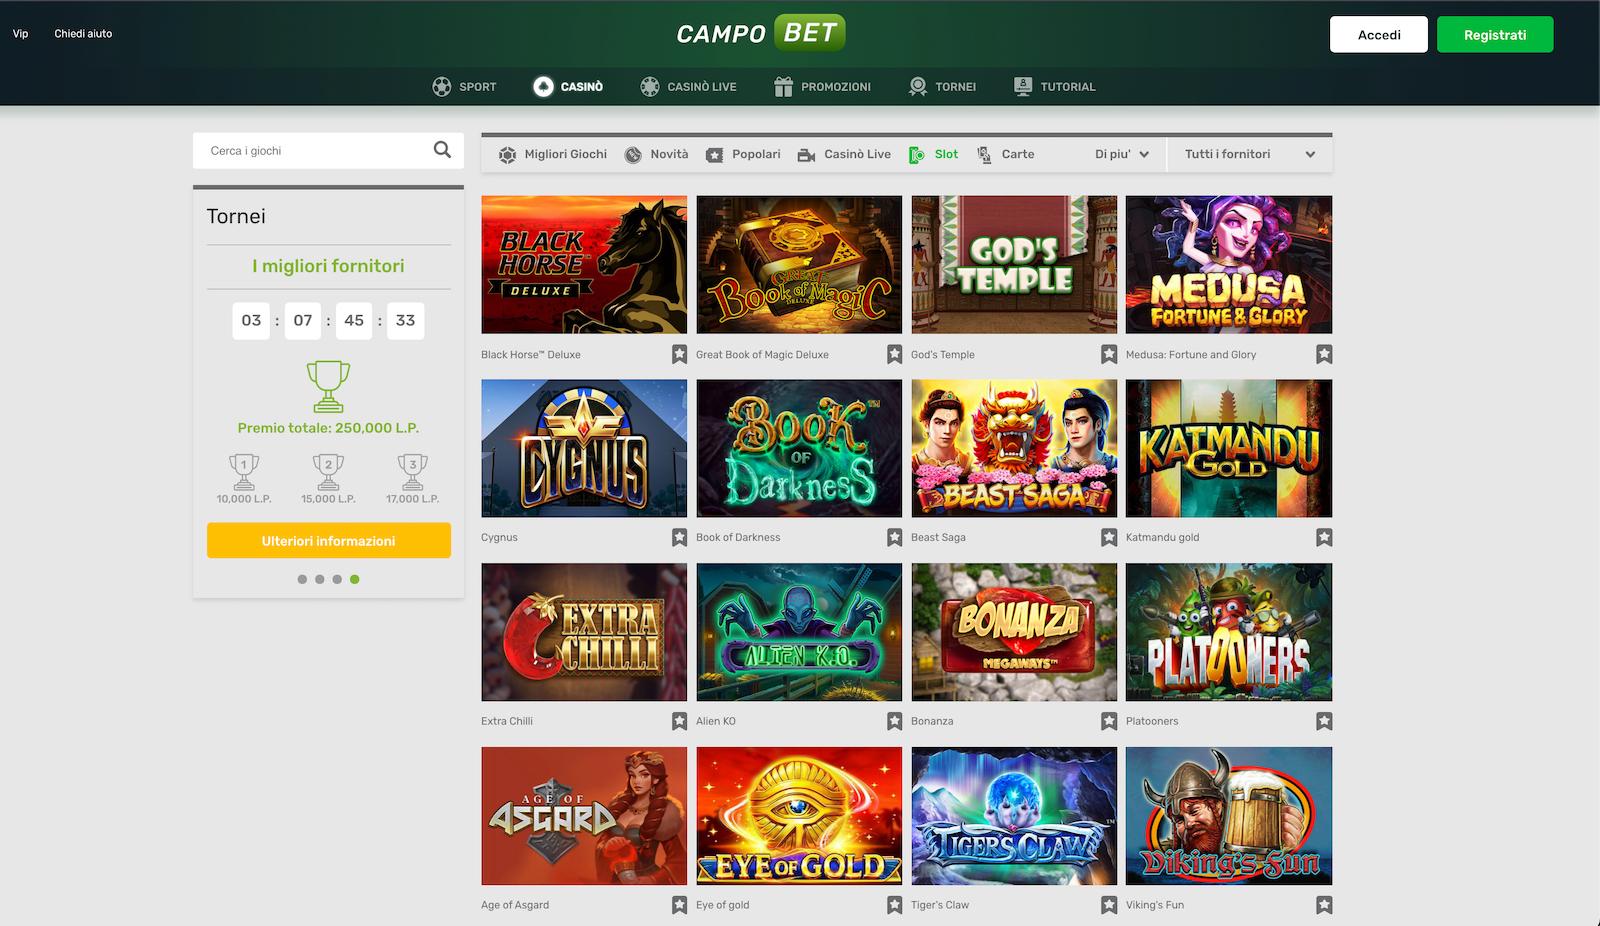 campobet app download